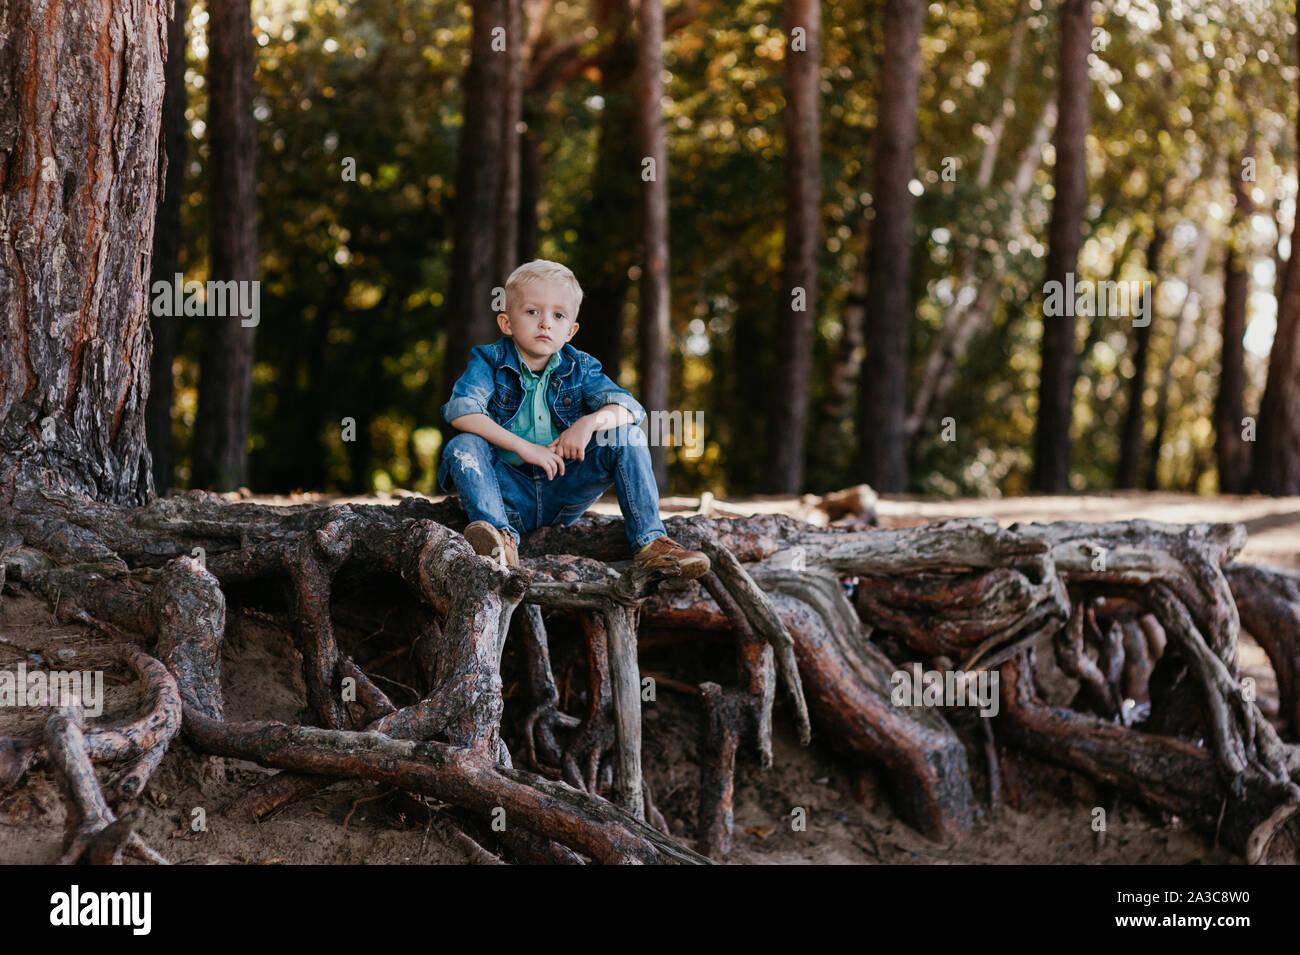 Retrato de un pequeño y lindo niño de 3 años al aire libre en el parque de otoño Foto de stock